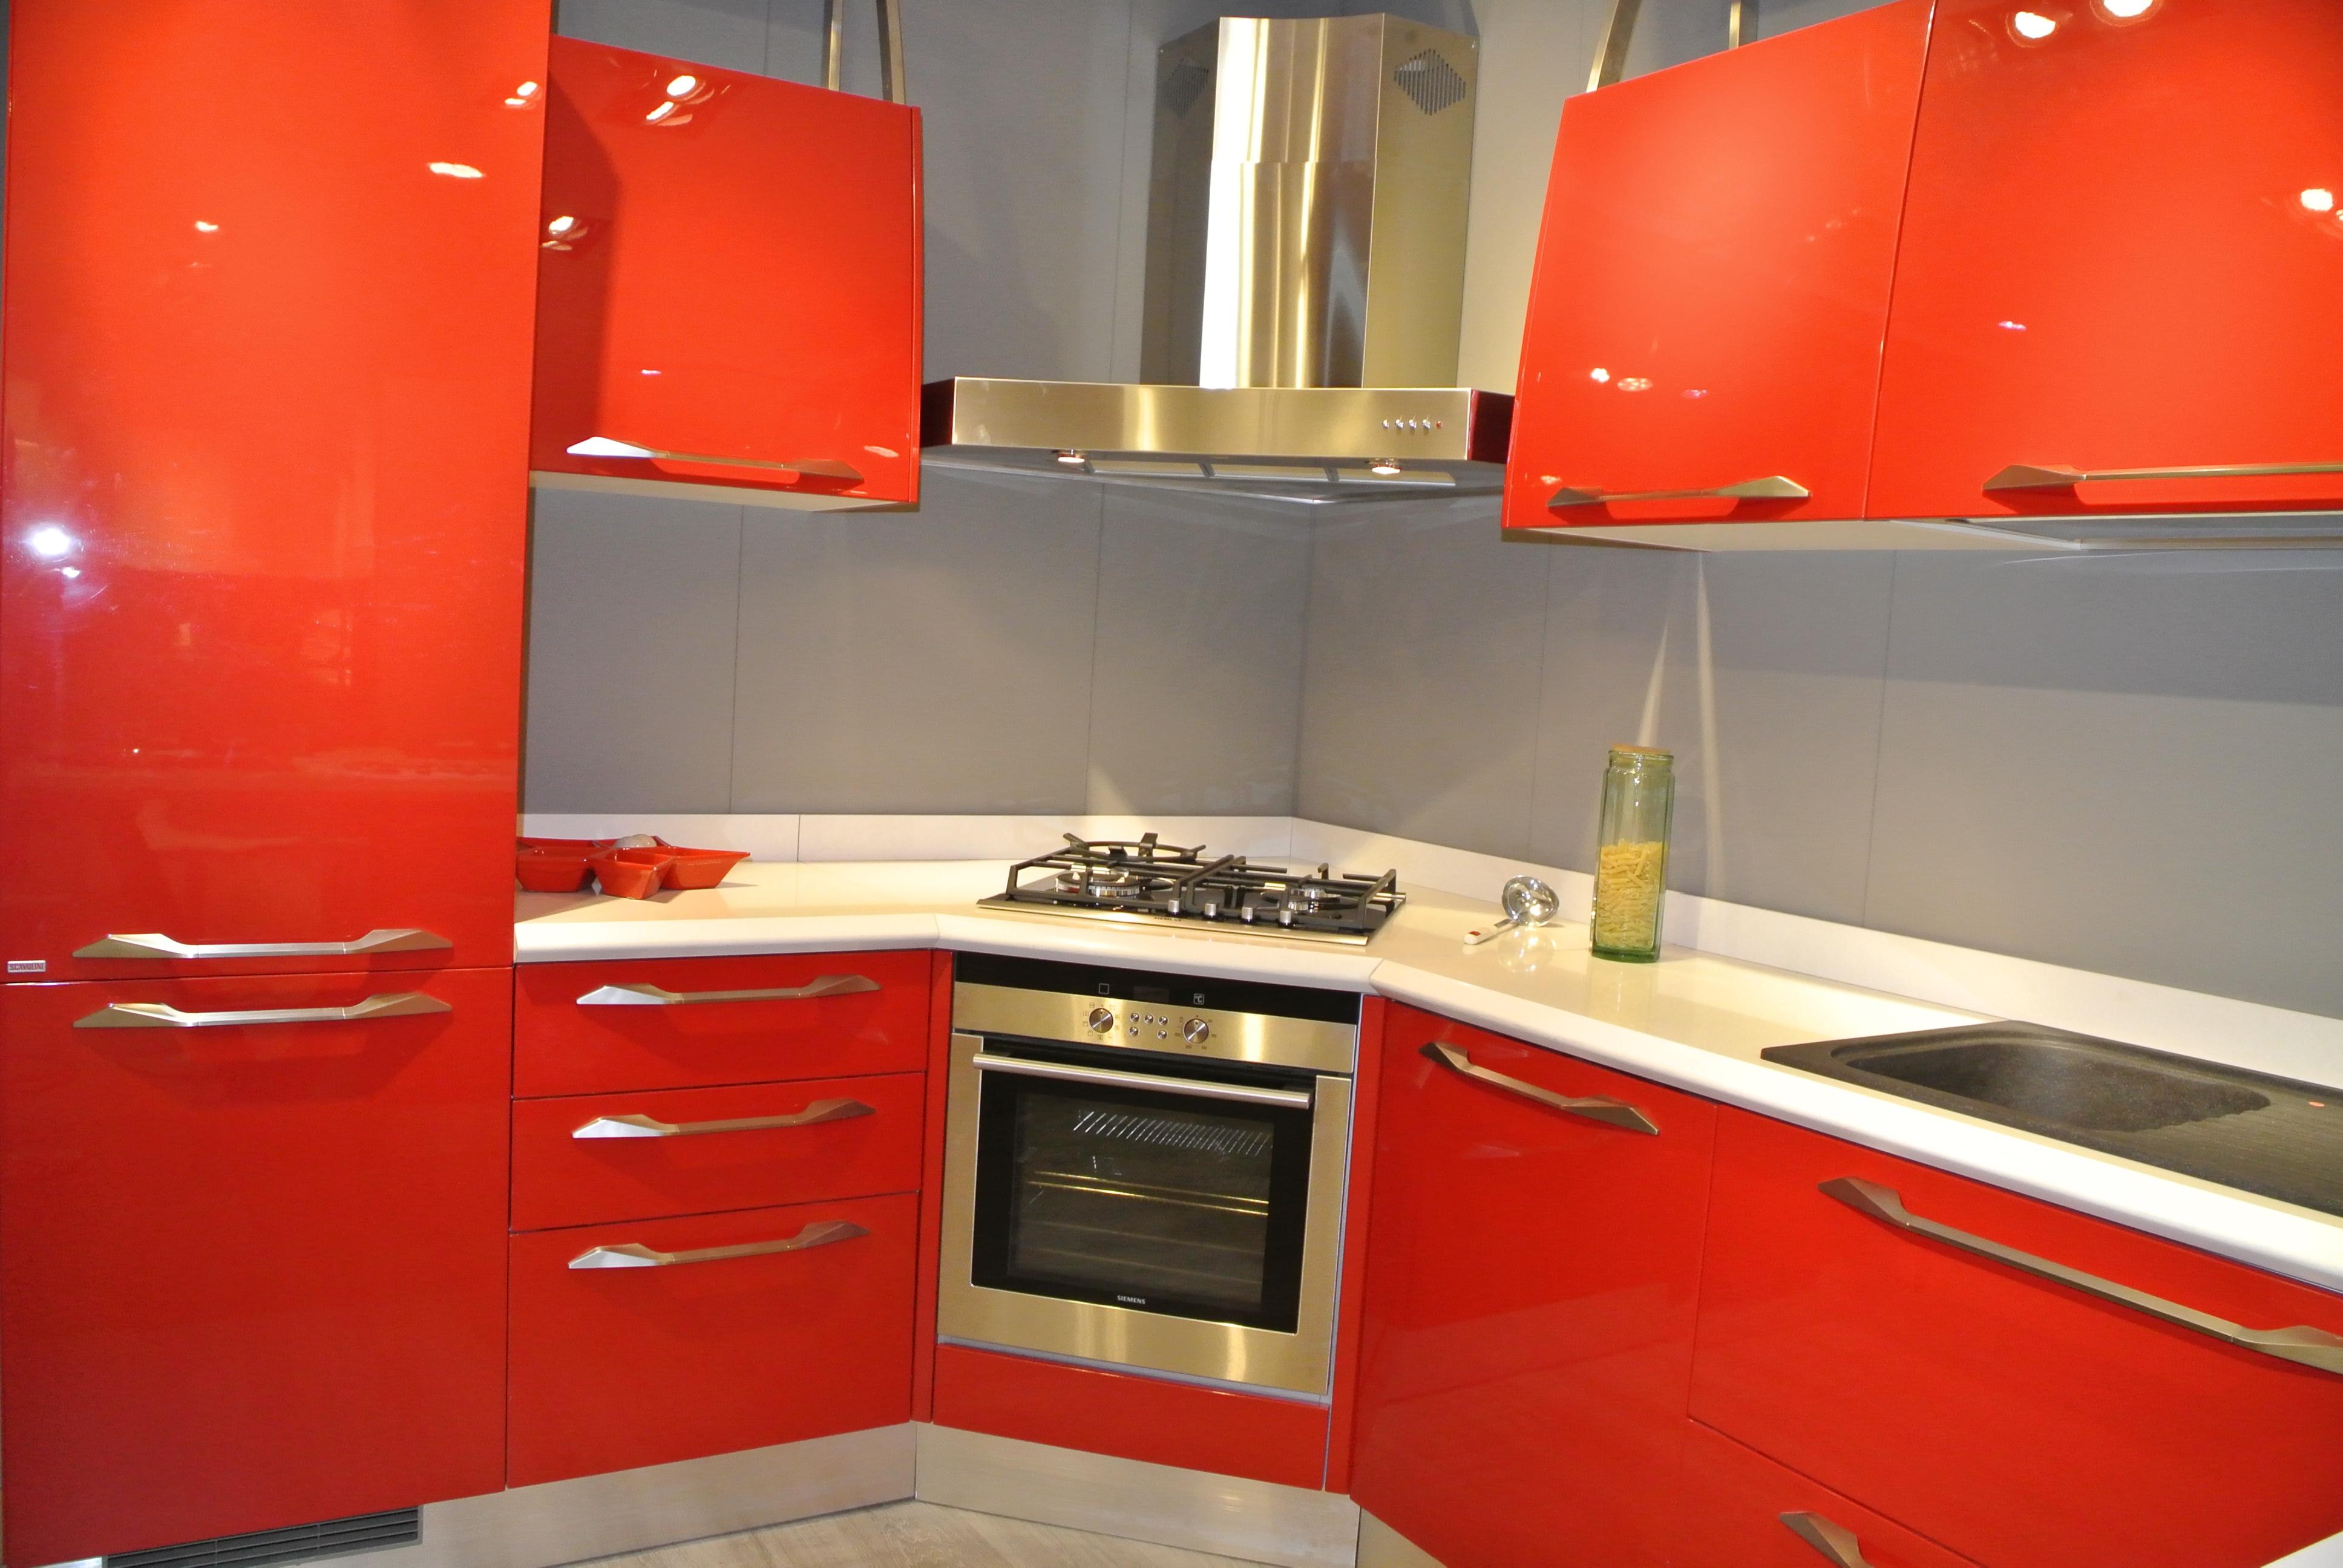 Cucina Rossa Laccata Lucida. Free Laccato Lucido Diretto Rosso Ral ...